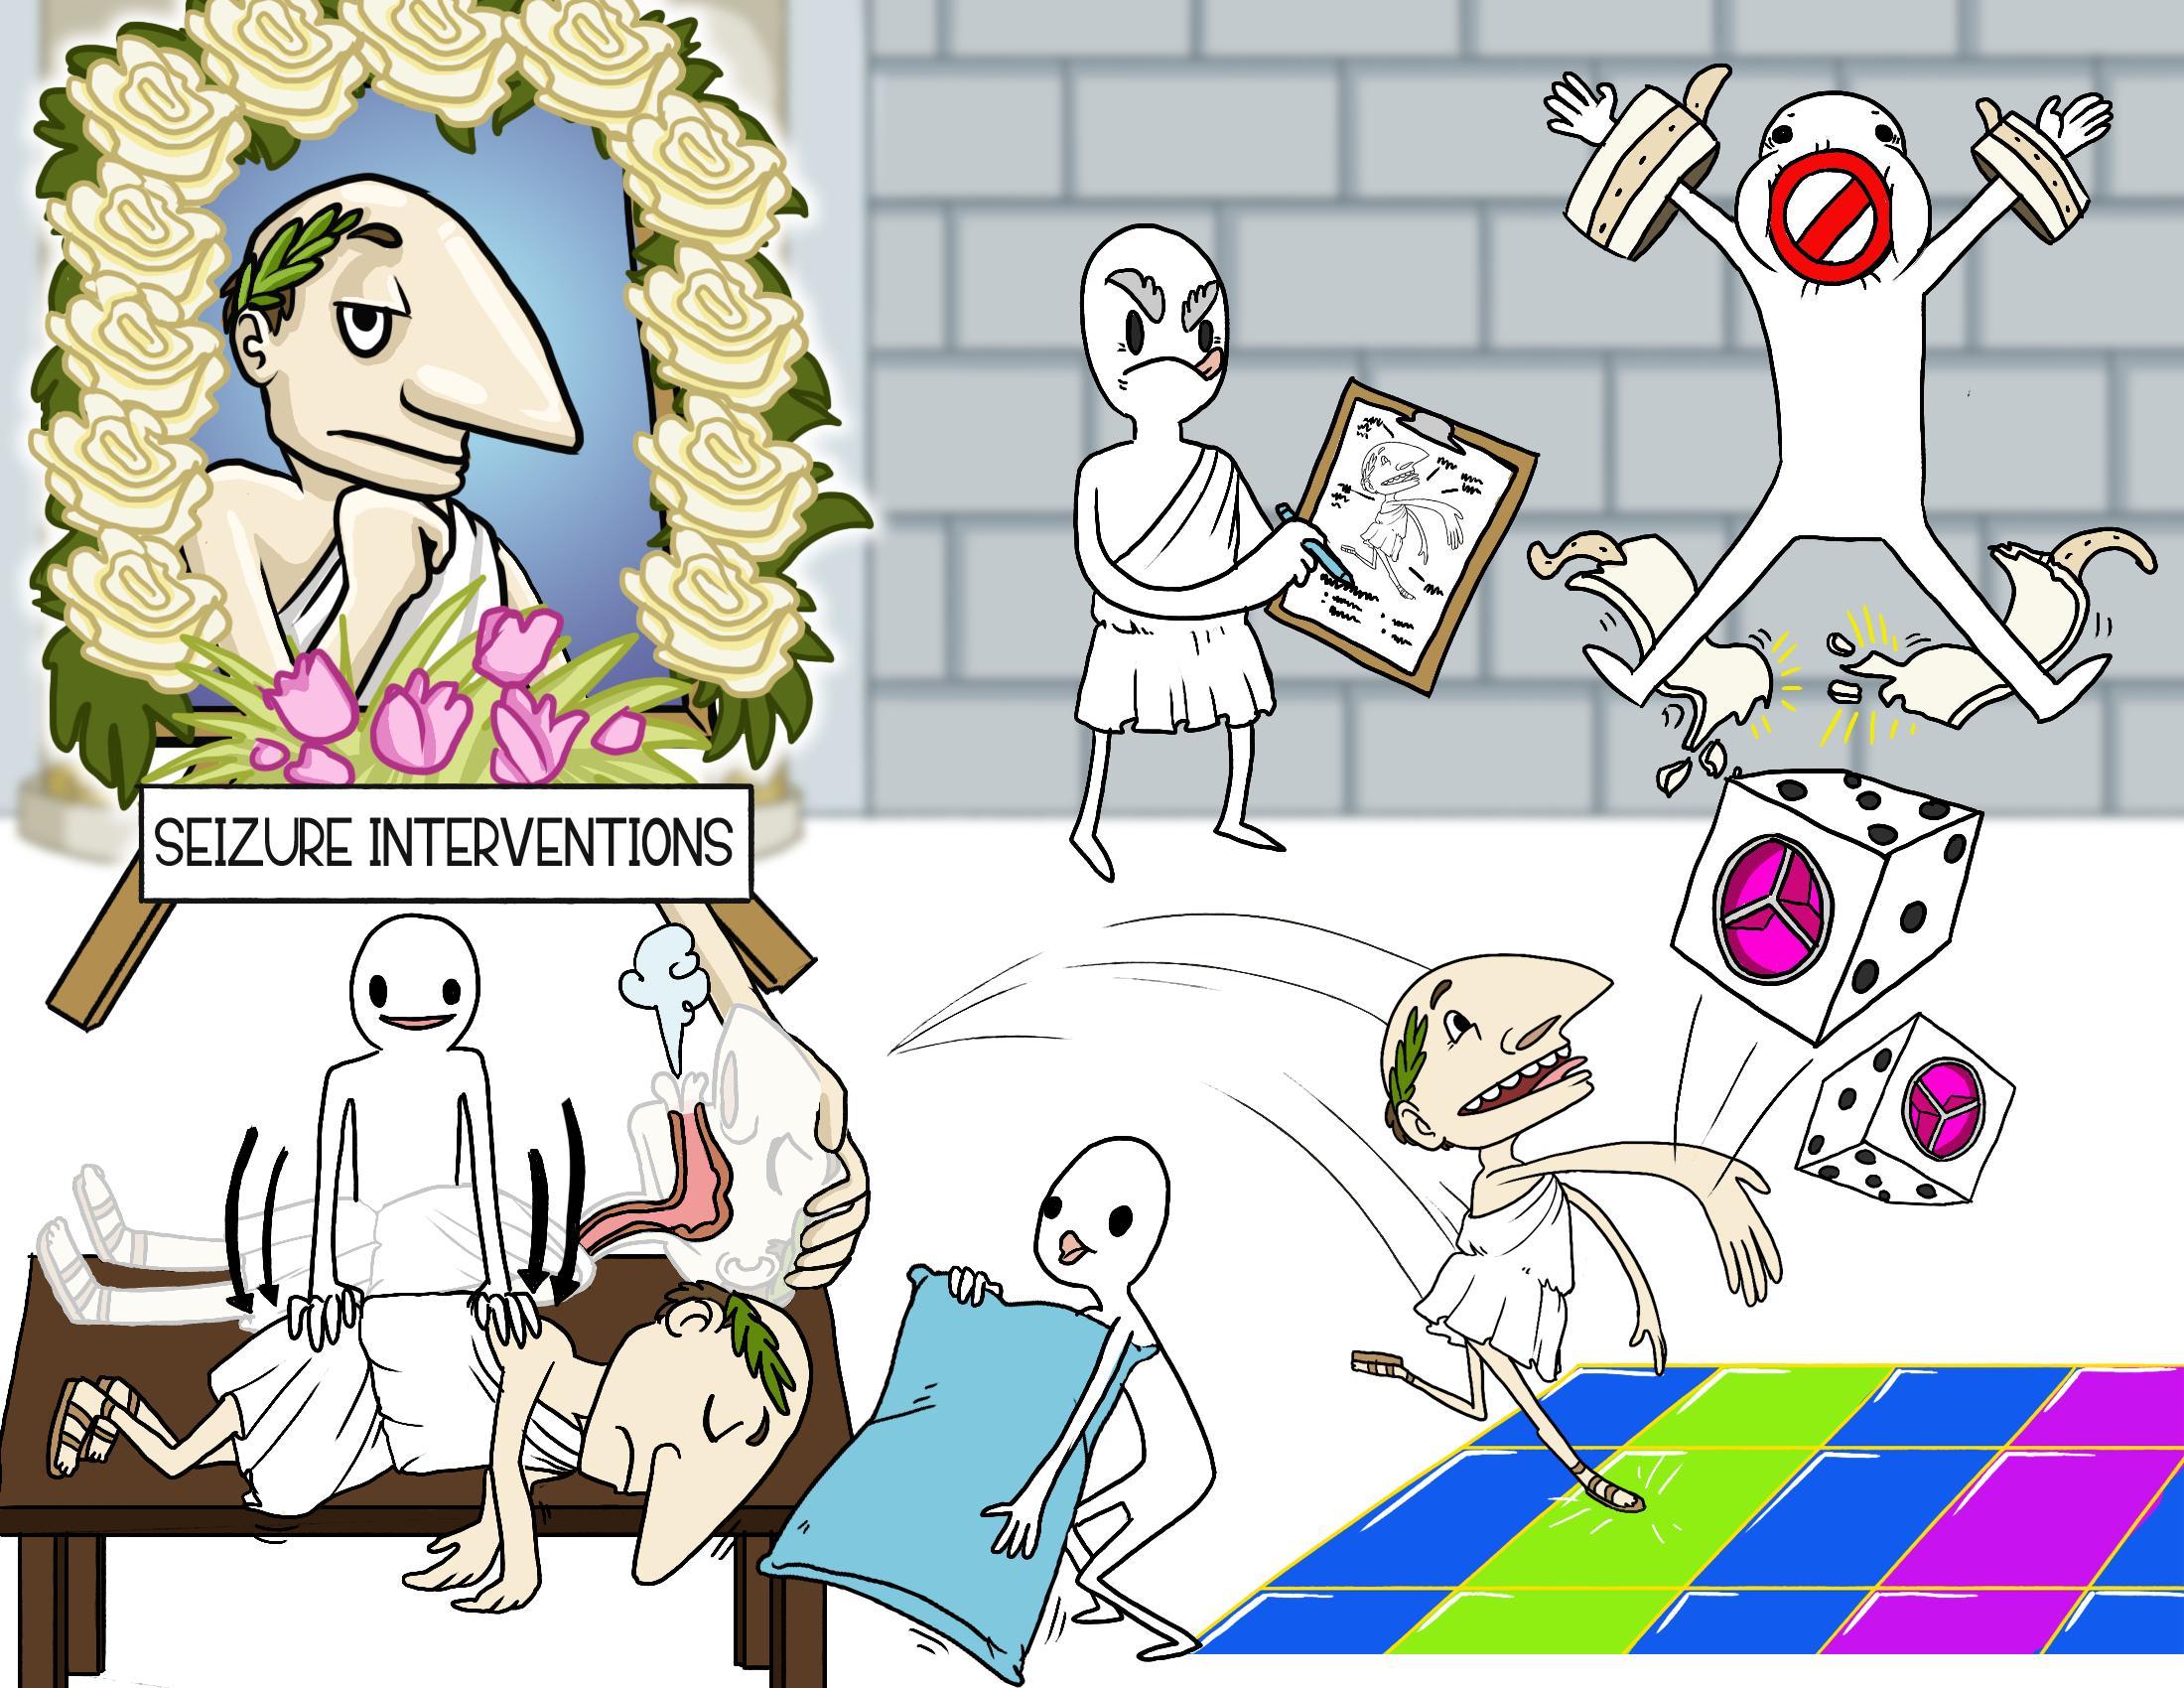 Seizure Interventions